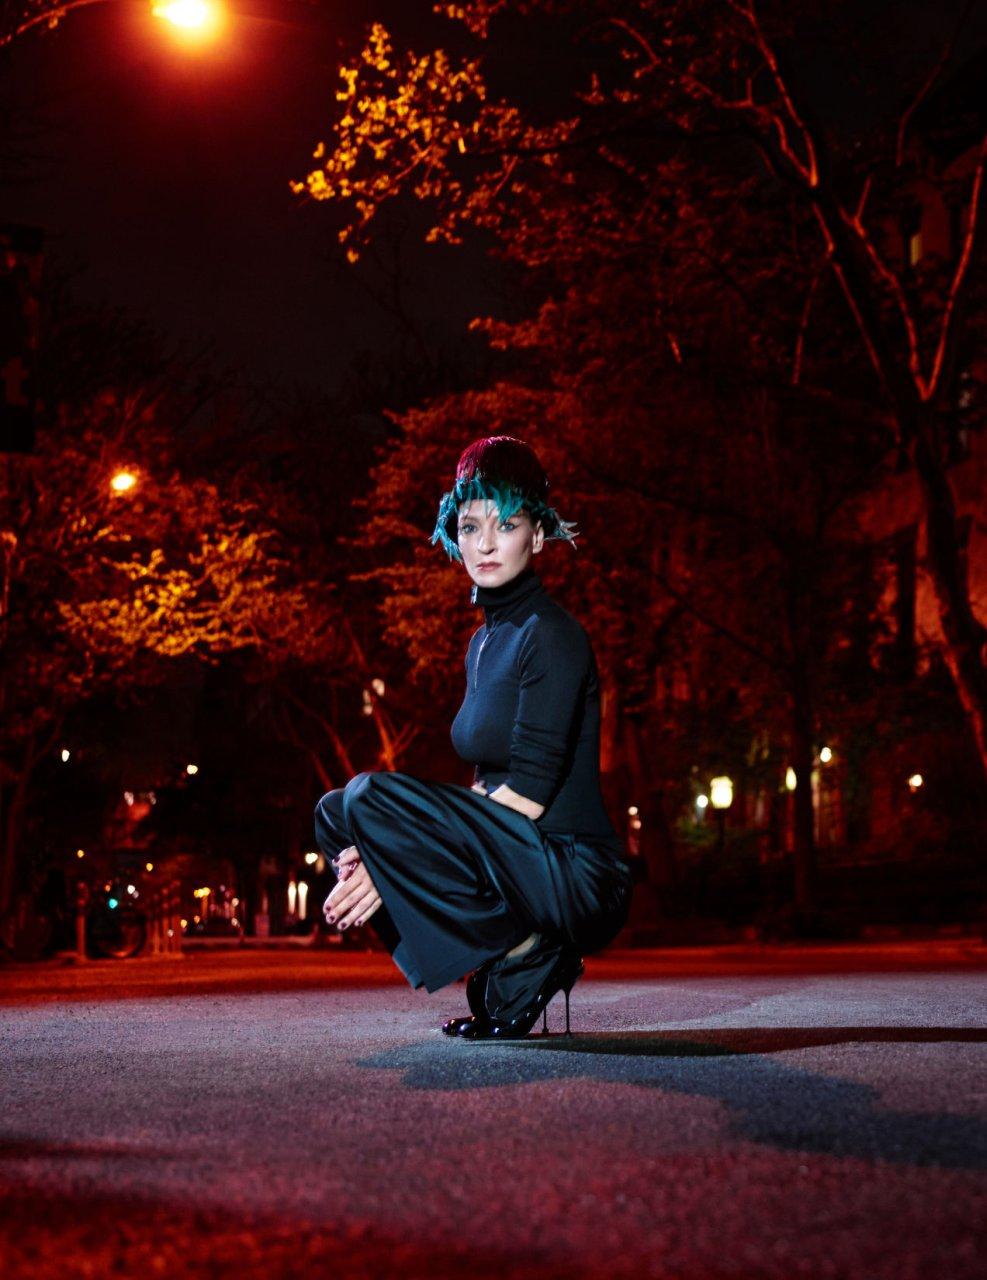 Uma-Thurman-Sexy-TheFappeningBlog.com-3.jpg